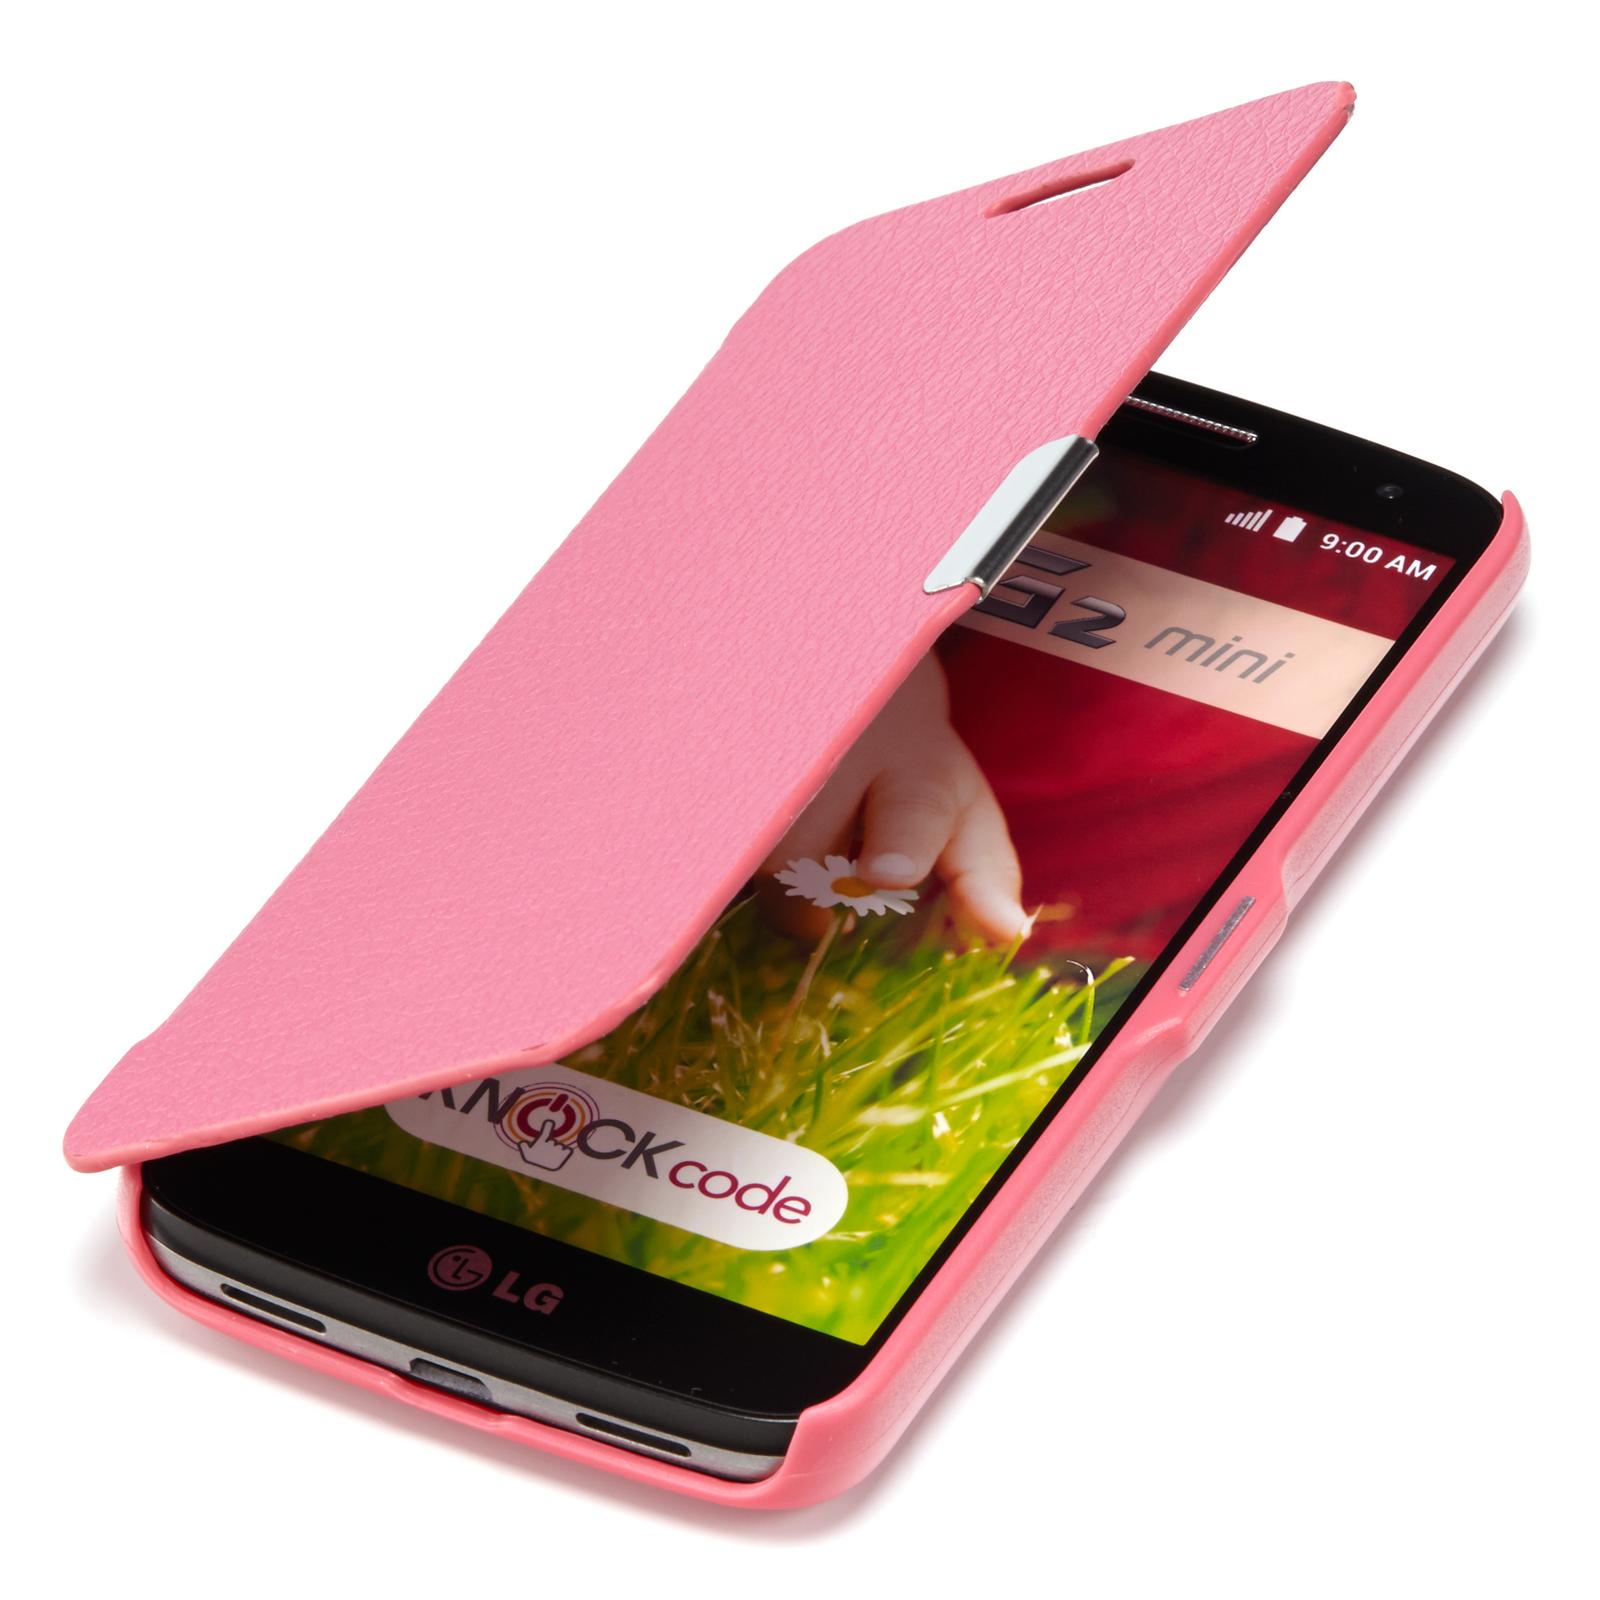 SLIM-FLIP-Case-LG-G2-Mini-Tasche-Handy-Klapp-Schutz-Hulle-Etui-Cover